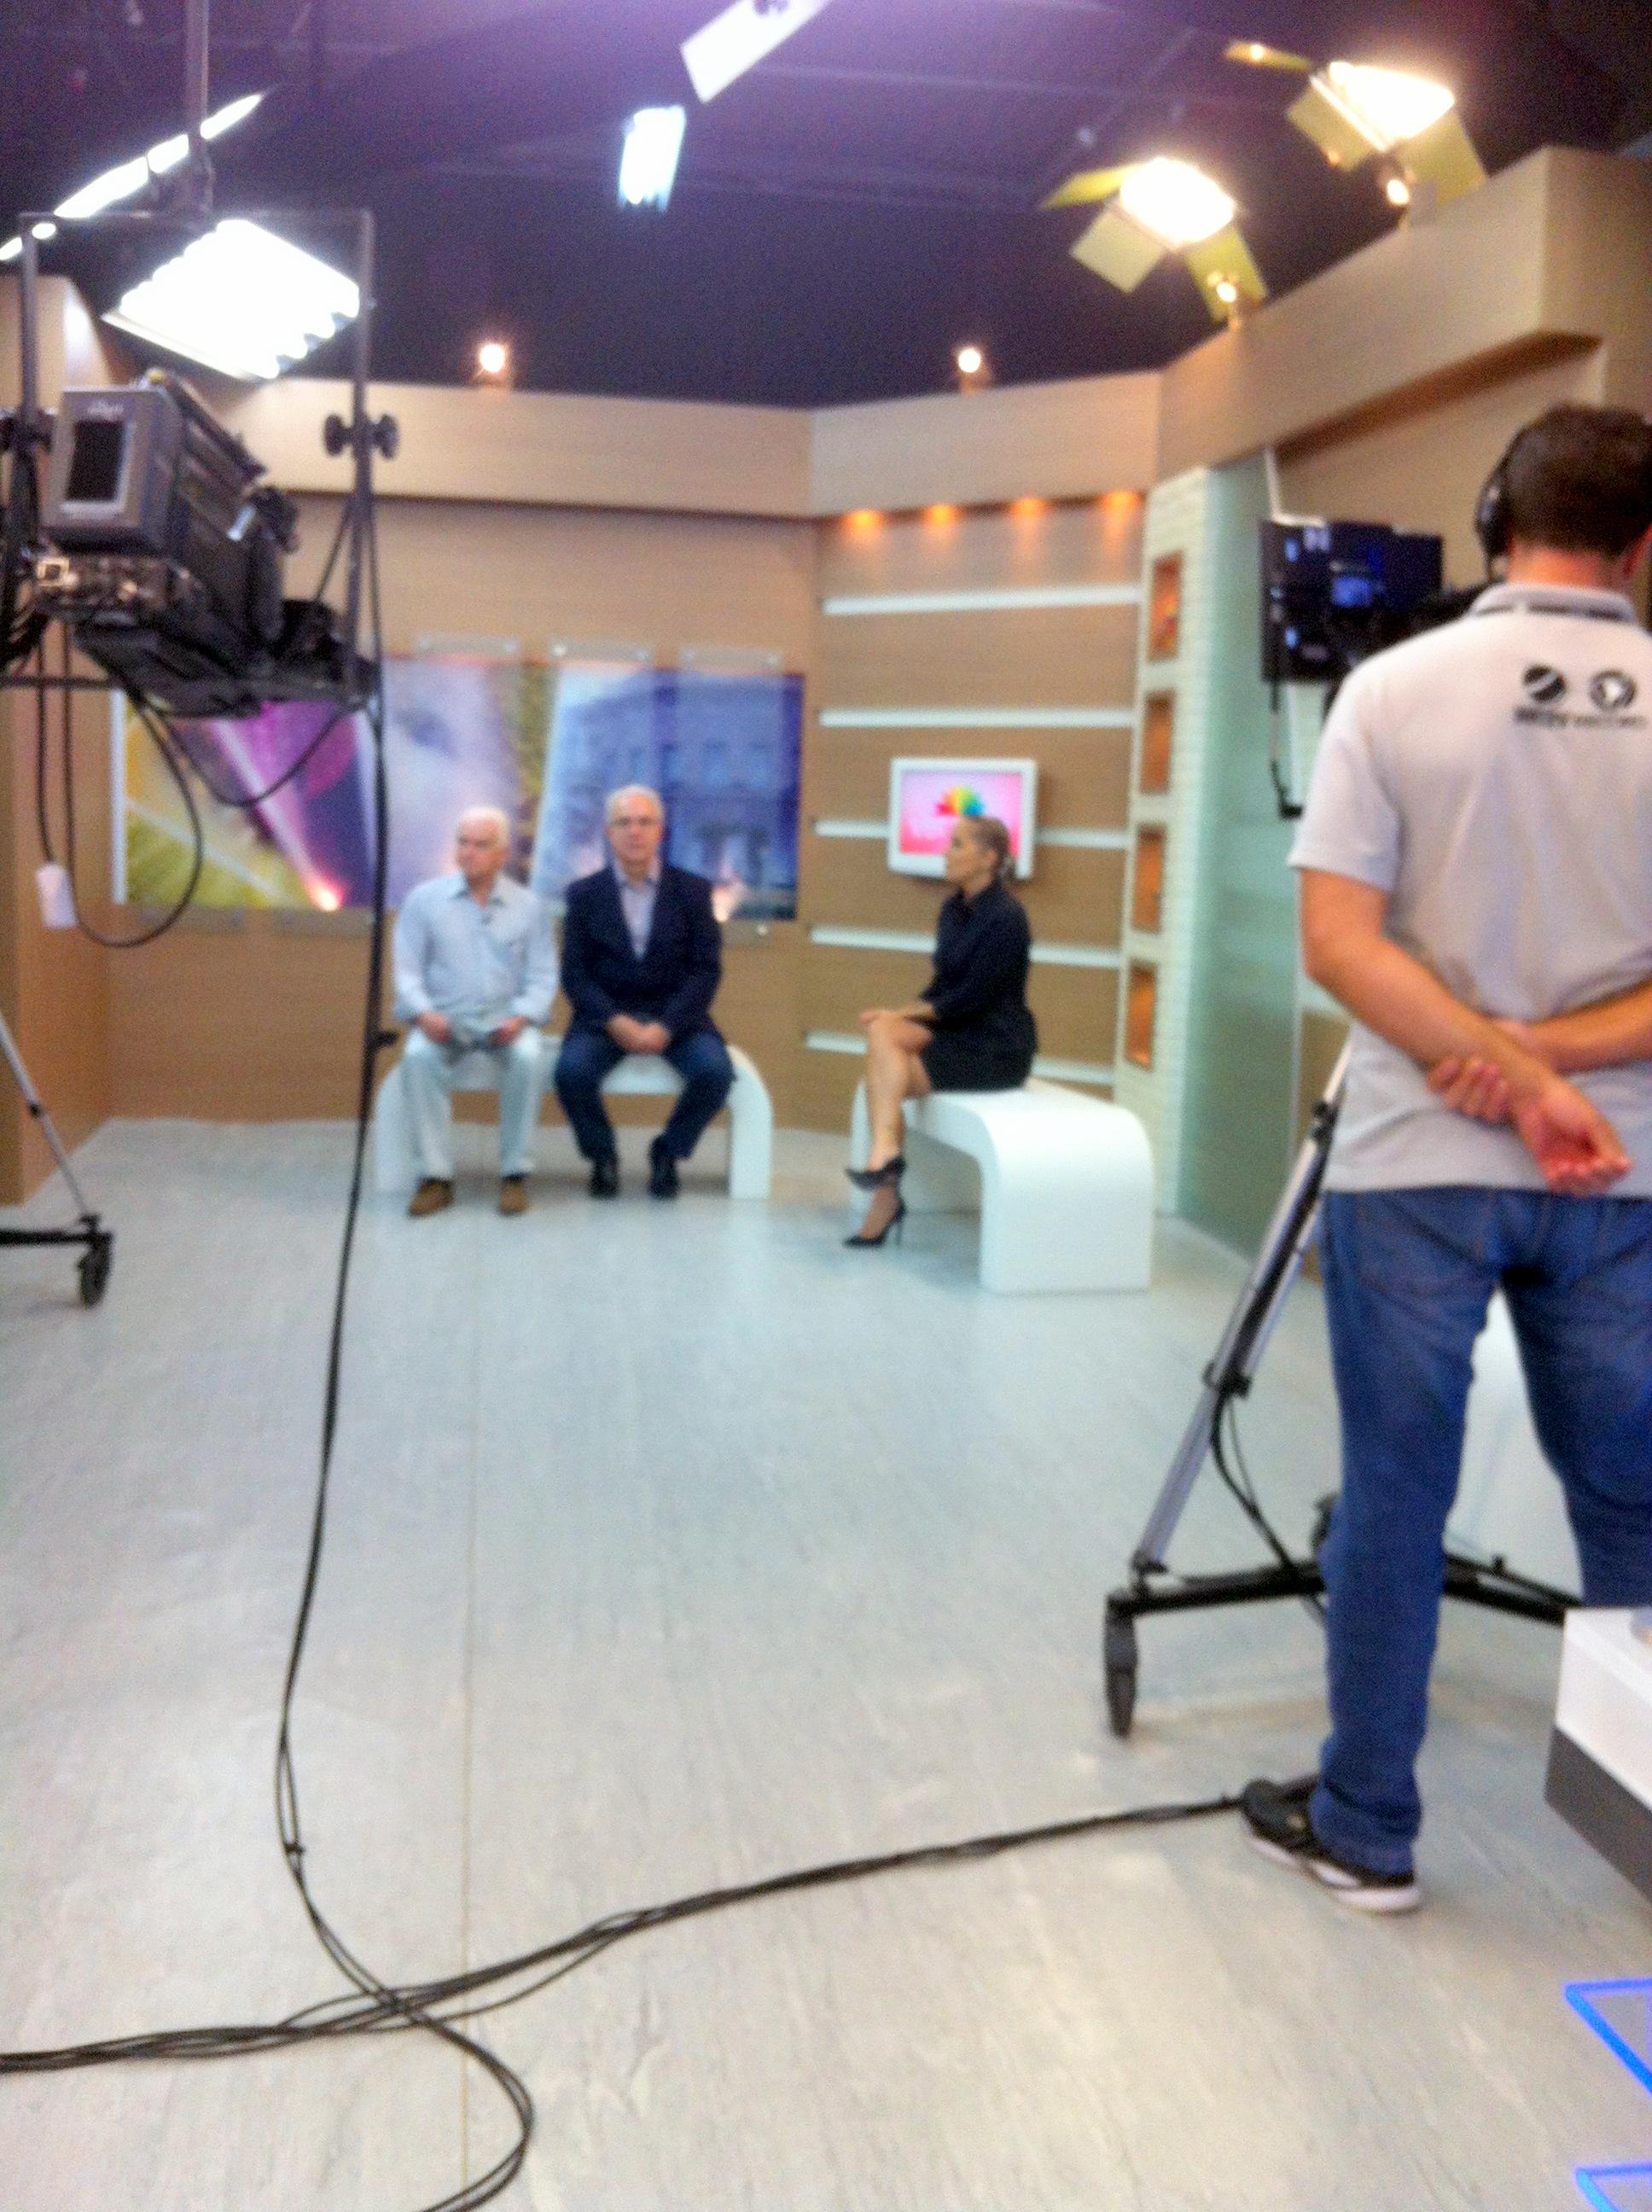 Assessoria - Entrevista TVRIC/Record